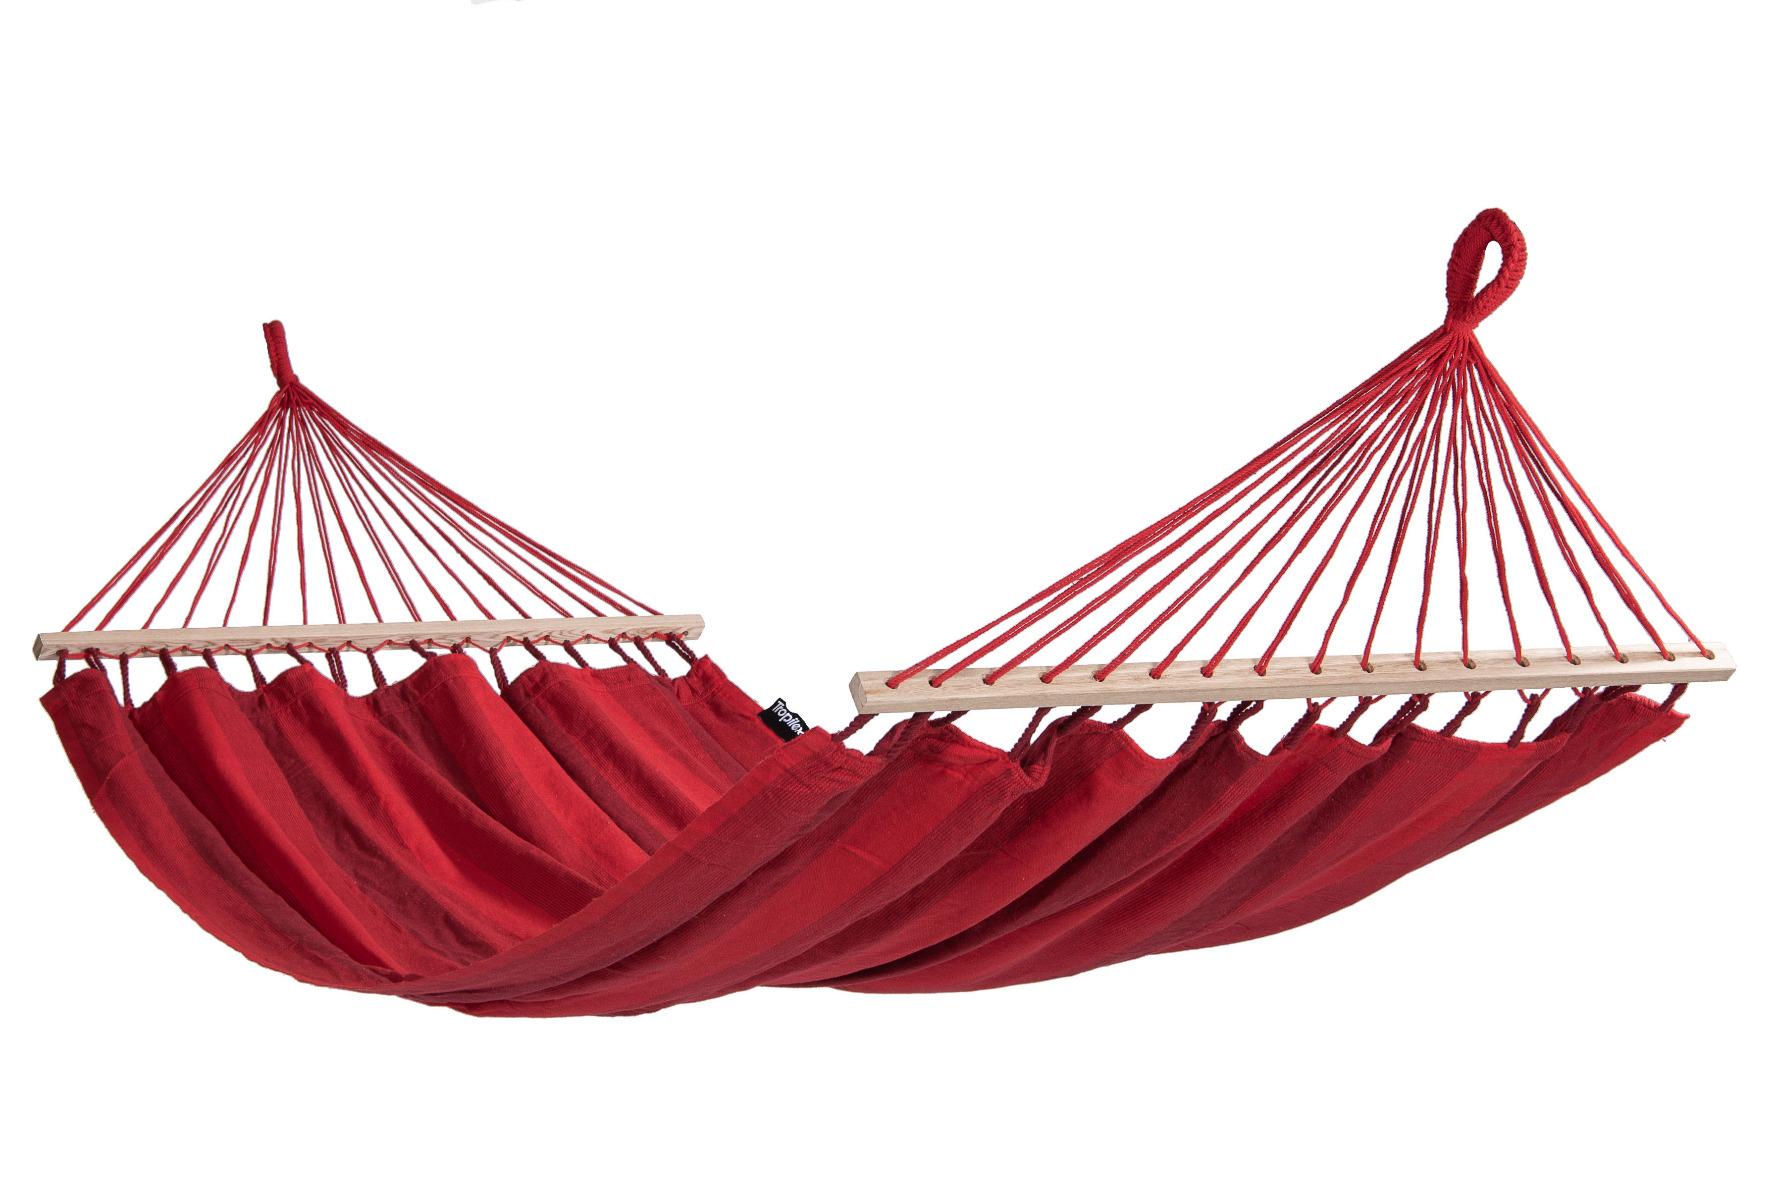 'Relax' Red E�npersoons Hangmat - Rood - Tropilex �